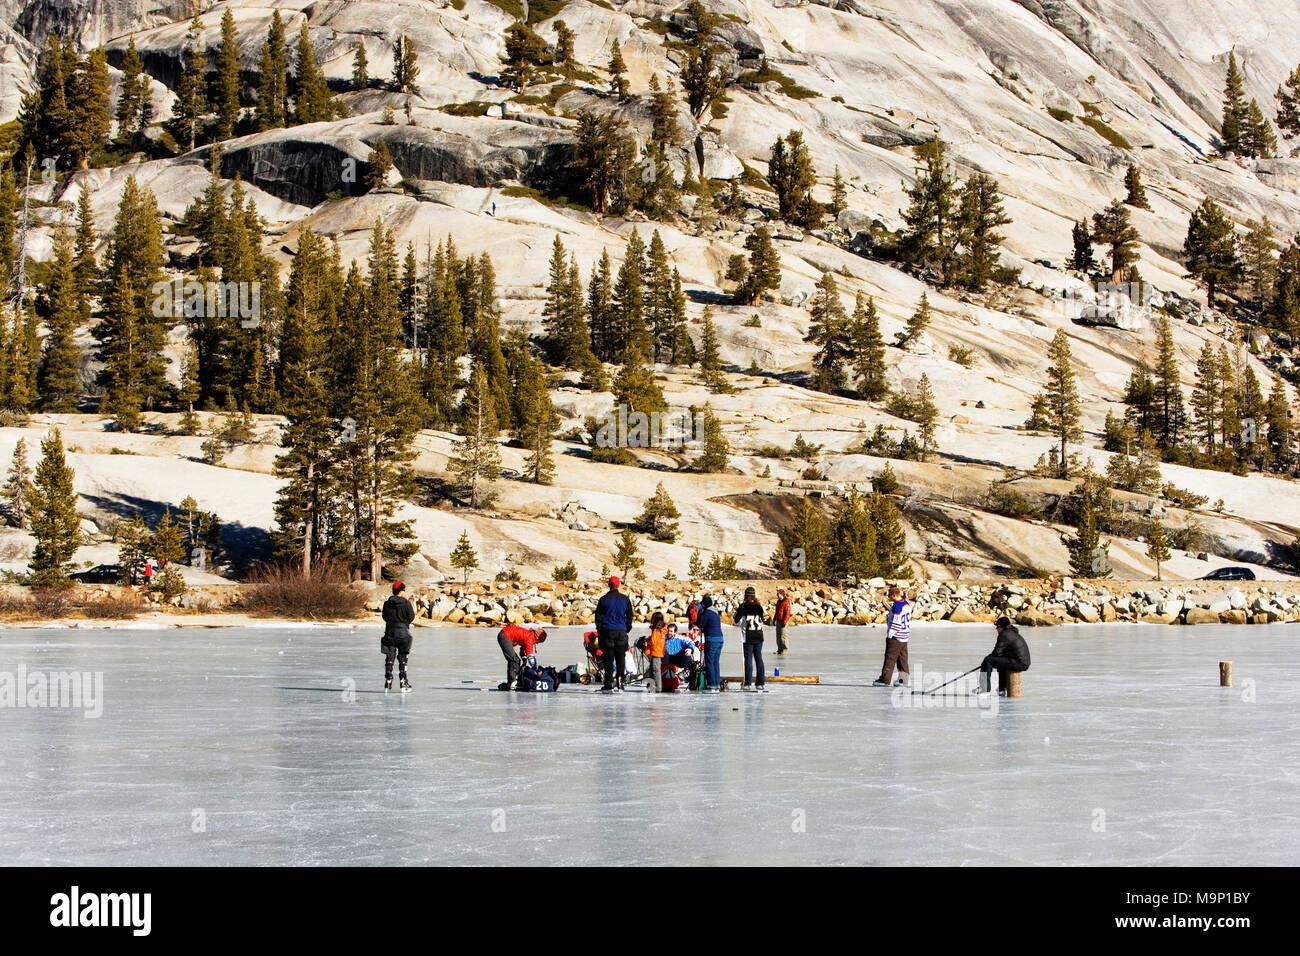 People picnicking on a frozen, snow free Tenaya Lake in Yosemite National Park. - Stock Image